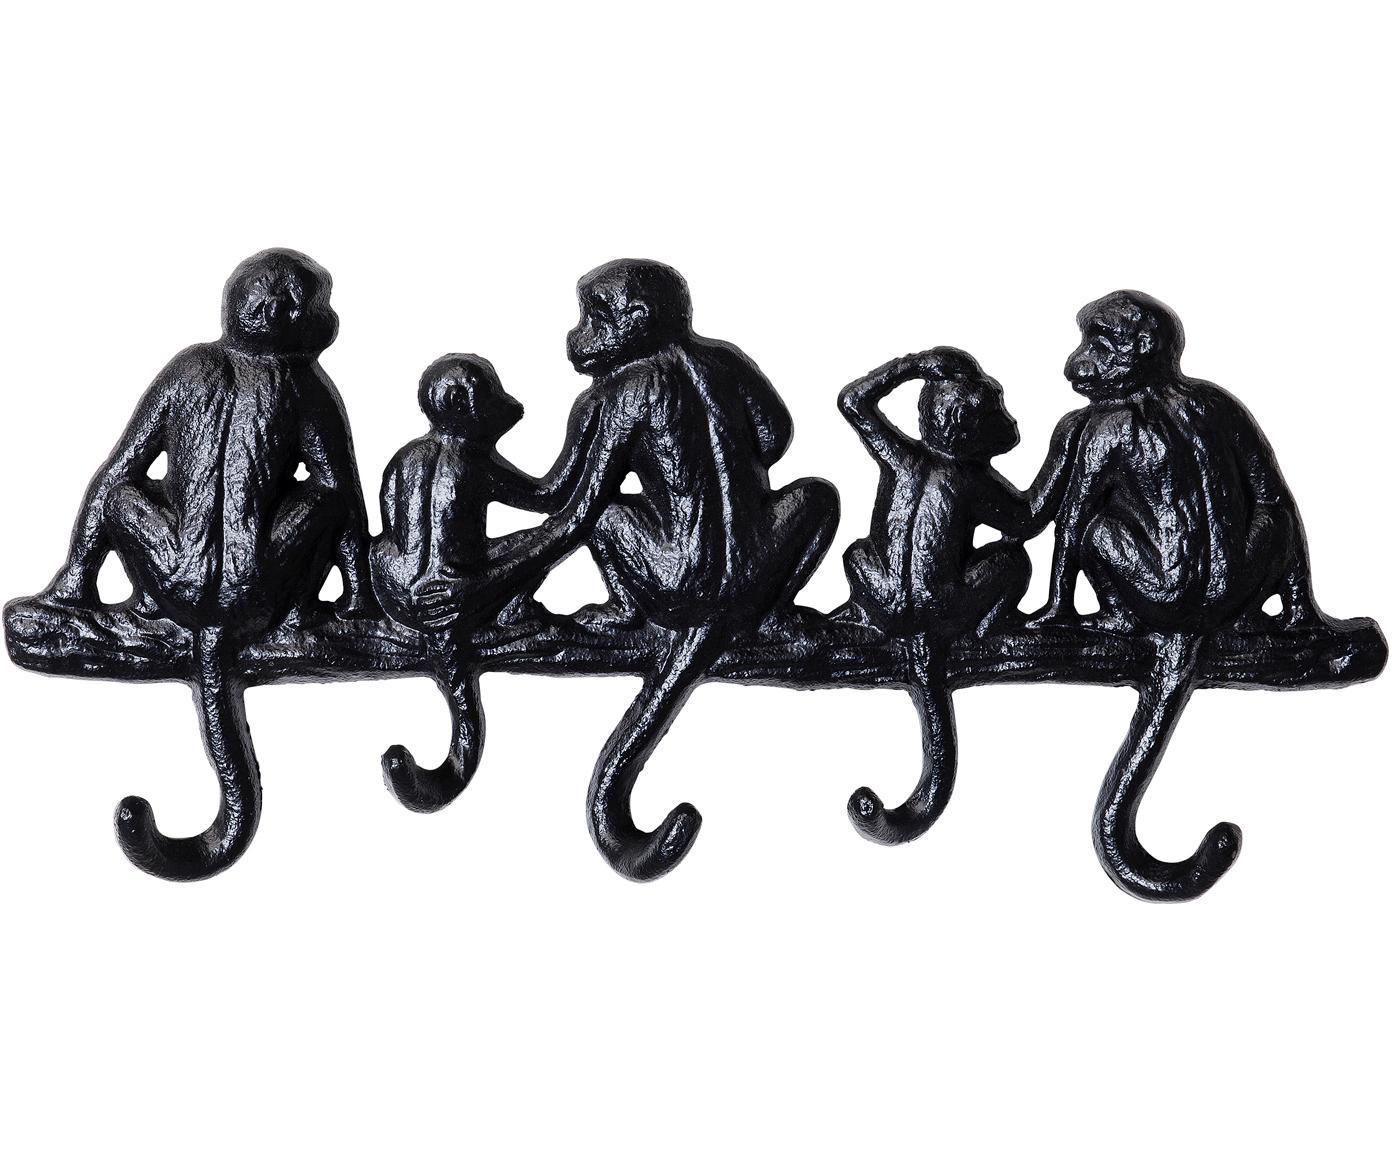 Mały wieszak ścienny Monkey, Metal malowany proszkowo, Czarny, S 31 x W 14 cm